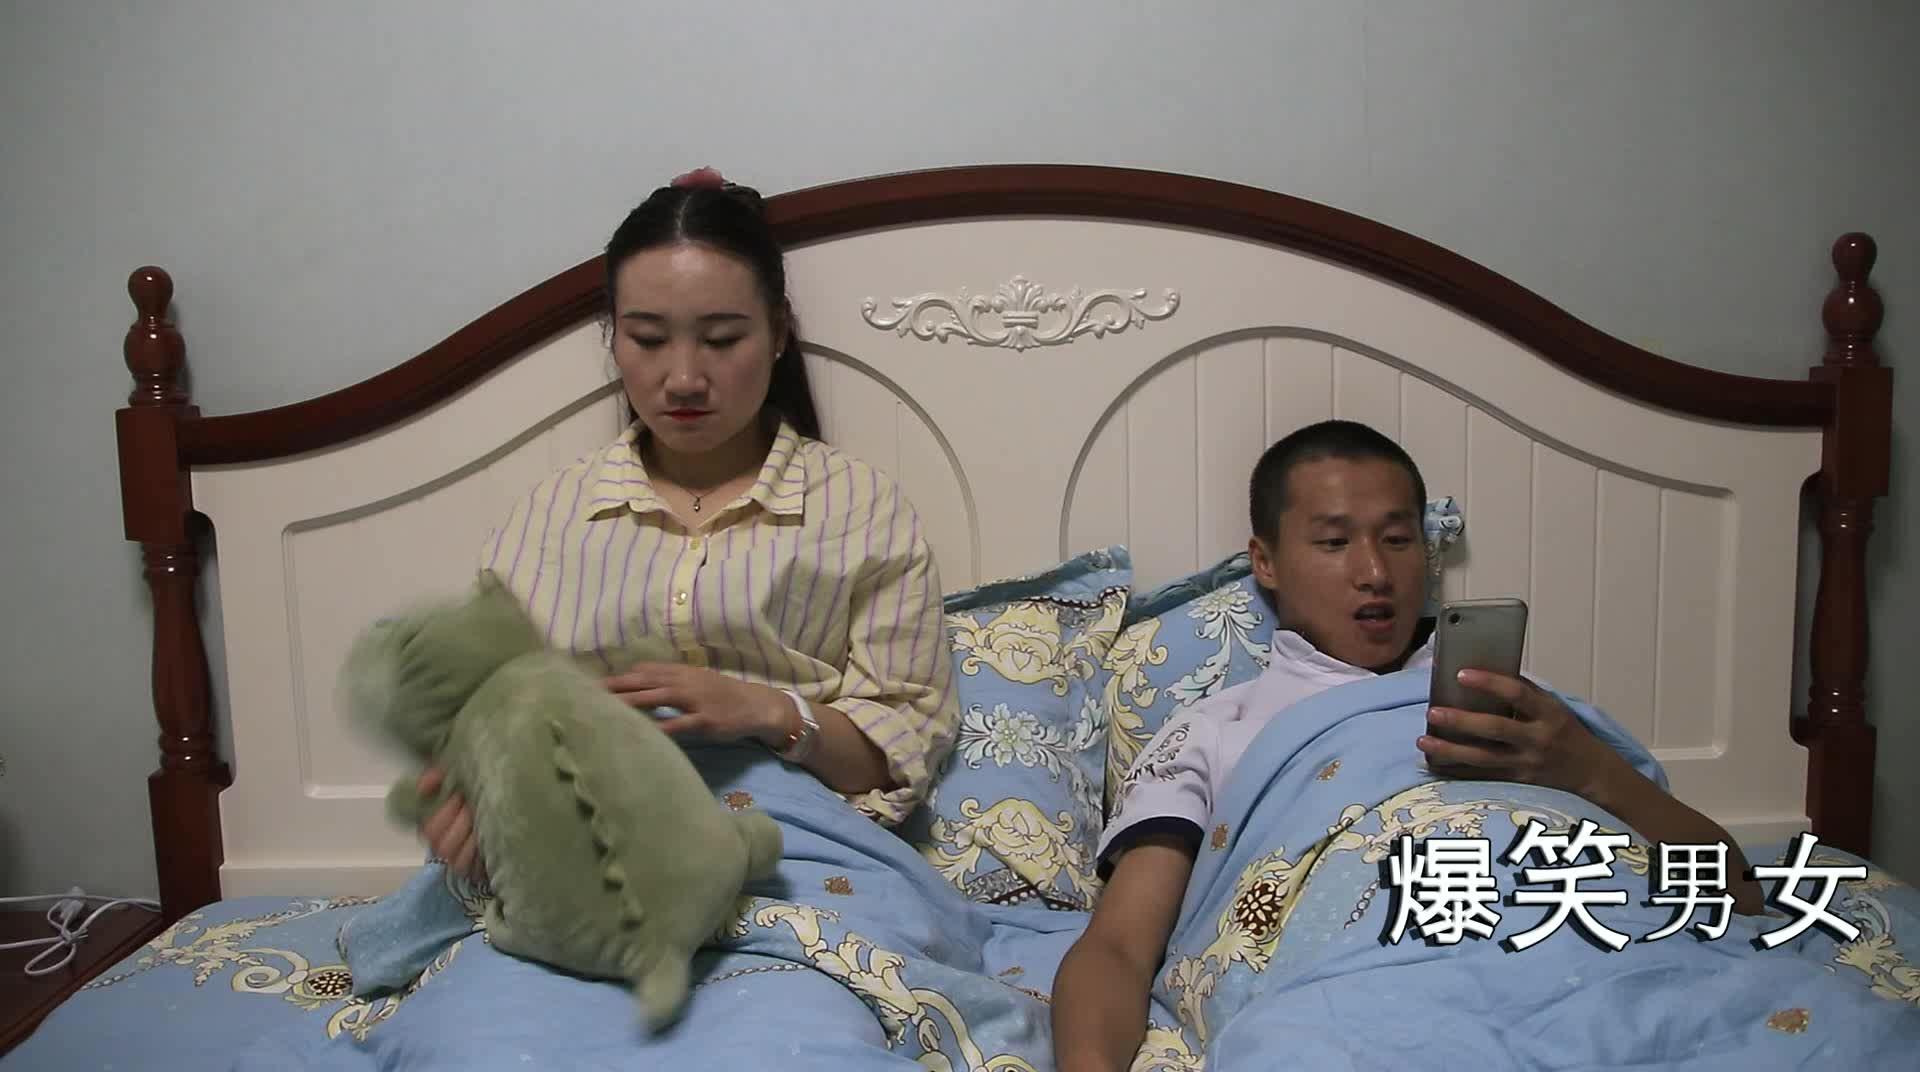 #搞笑趣事#父母着急想要抱孙子,夫妻俩发愁了